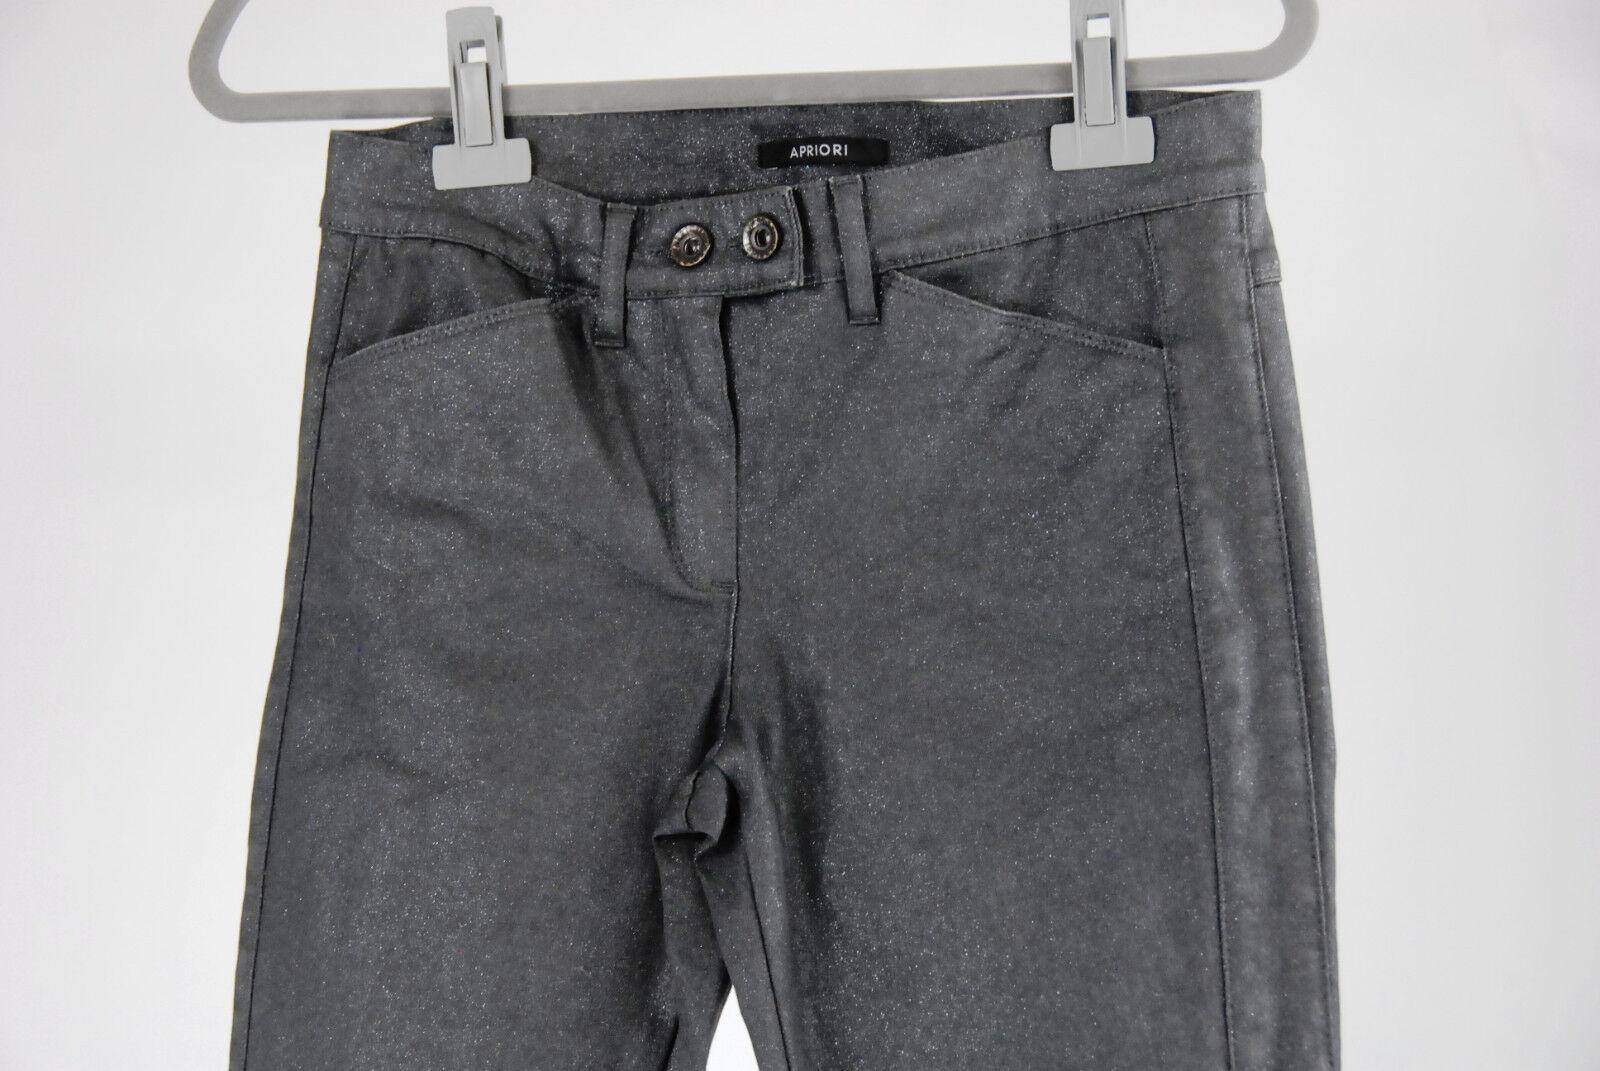 Apriori Jeans Grigio 38 Skinny GLITTER Cotone Cotone Cotone Pantaloni Pants Elastan Nuovo Etichetta M. cc7f98